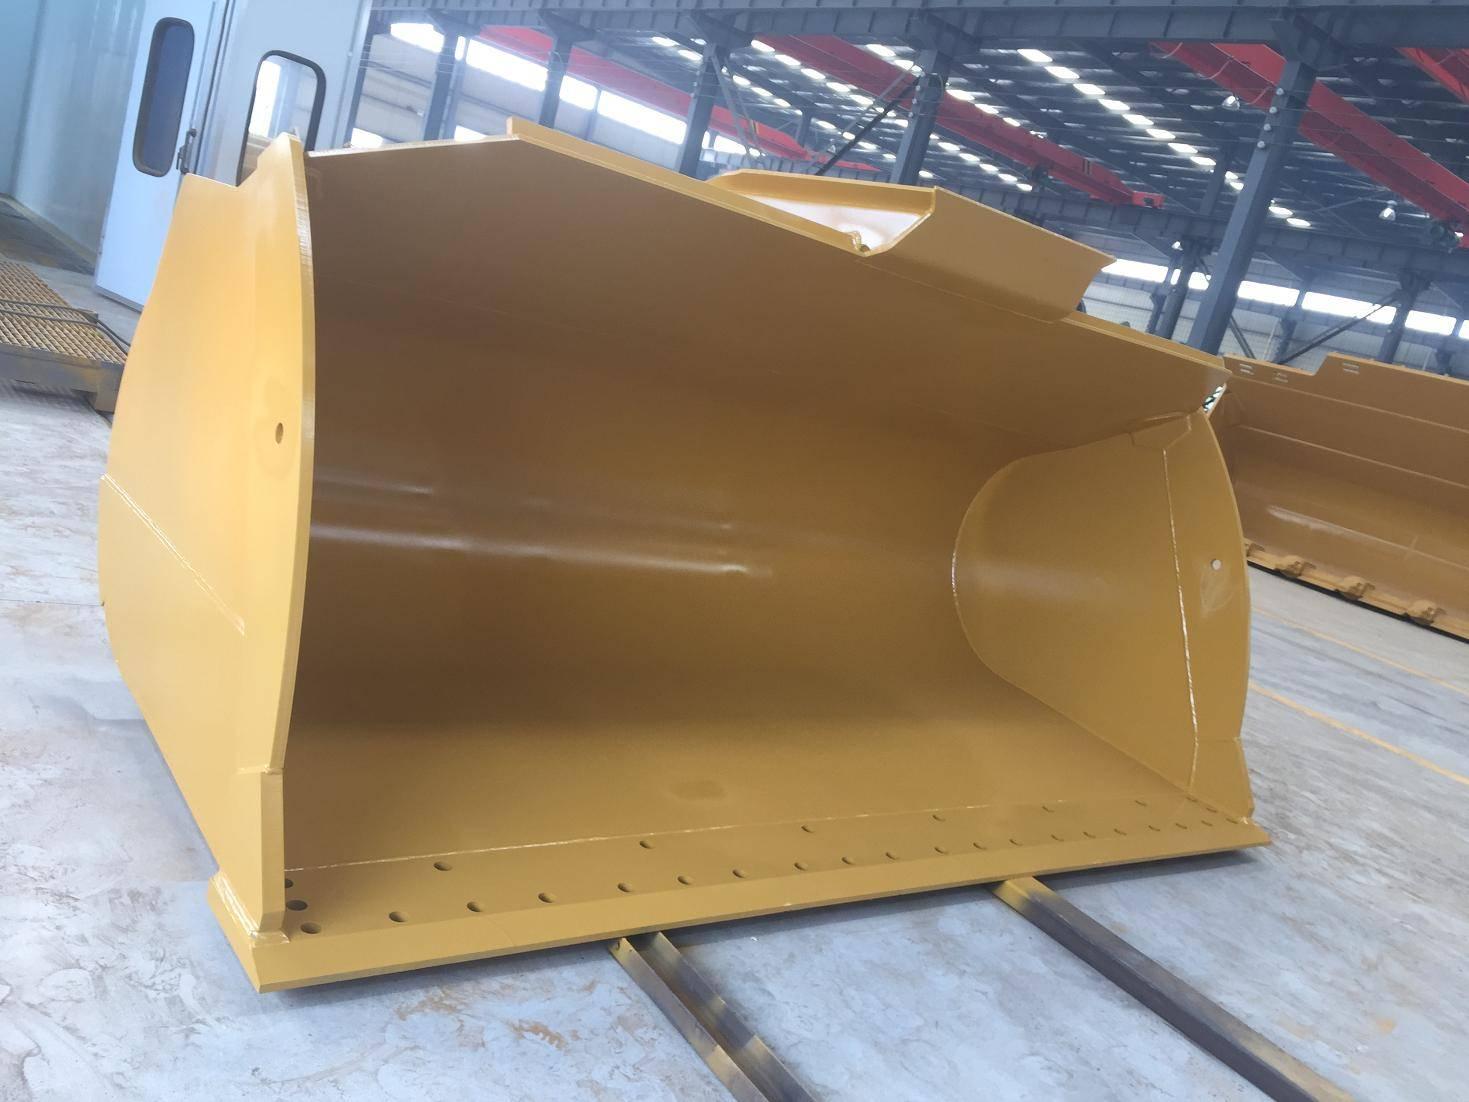 CAT980H loader bucket